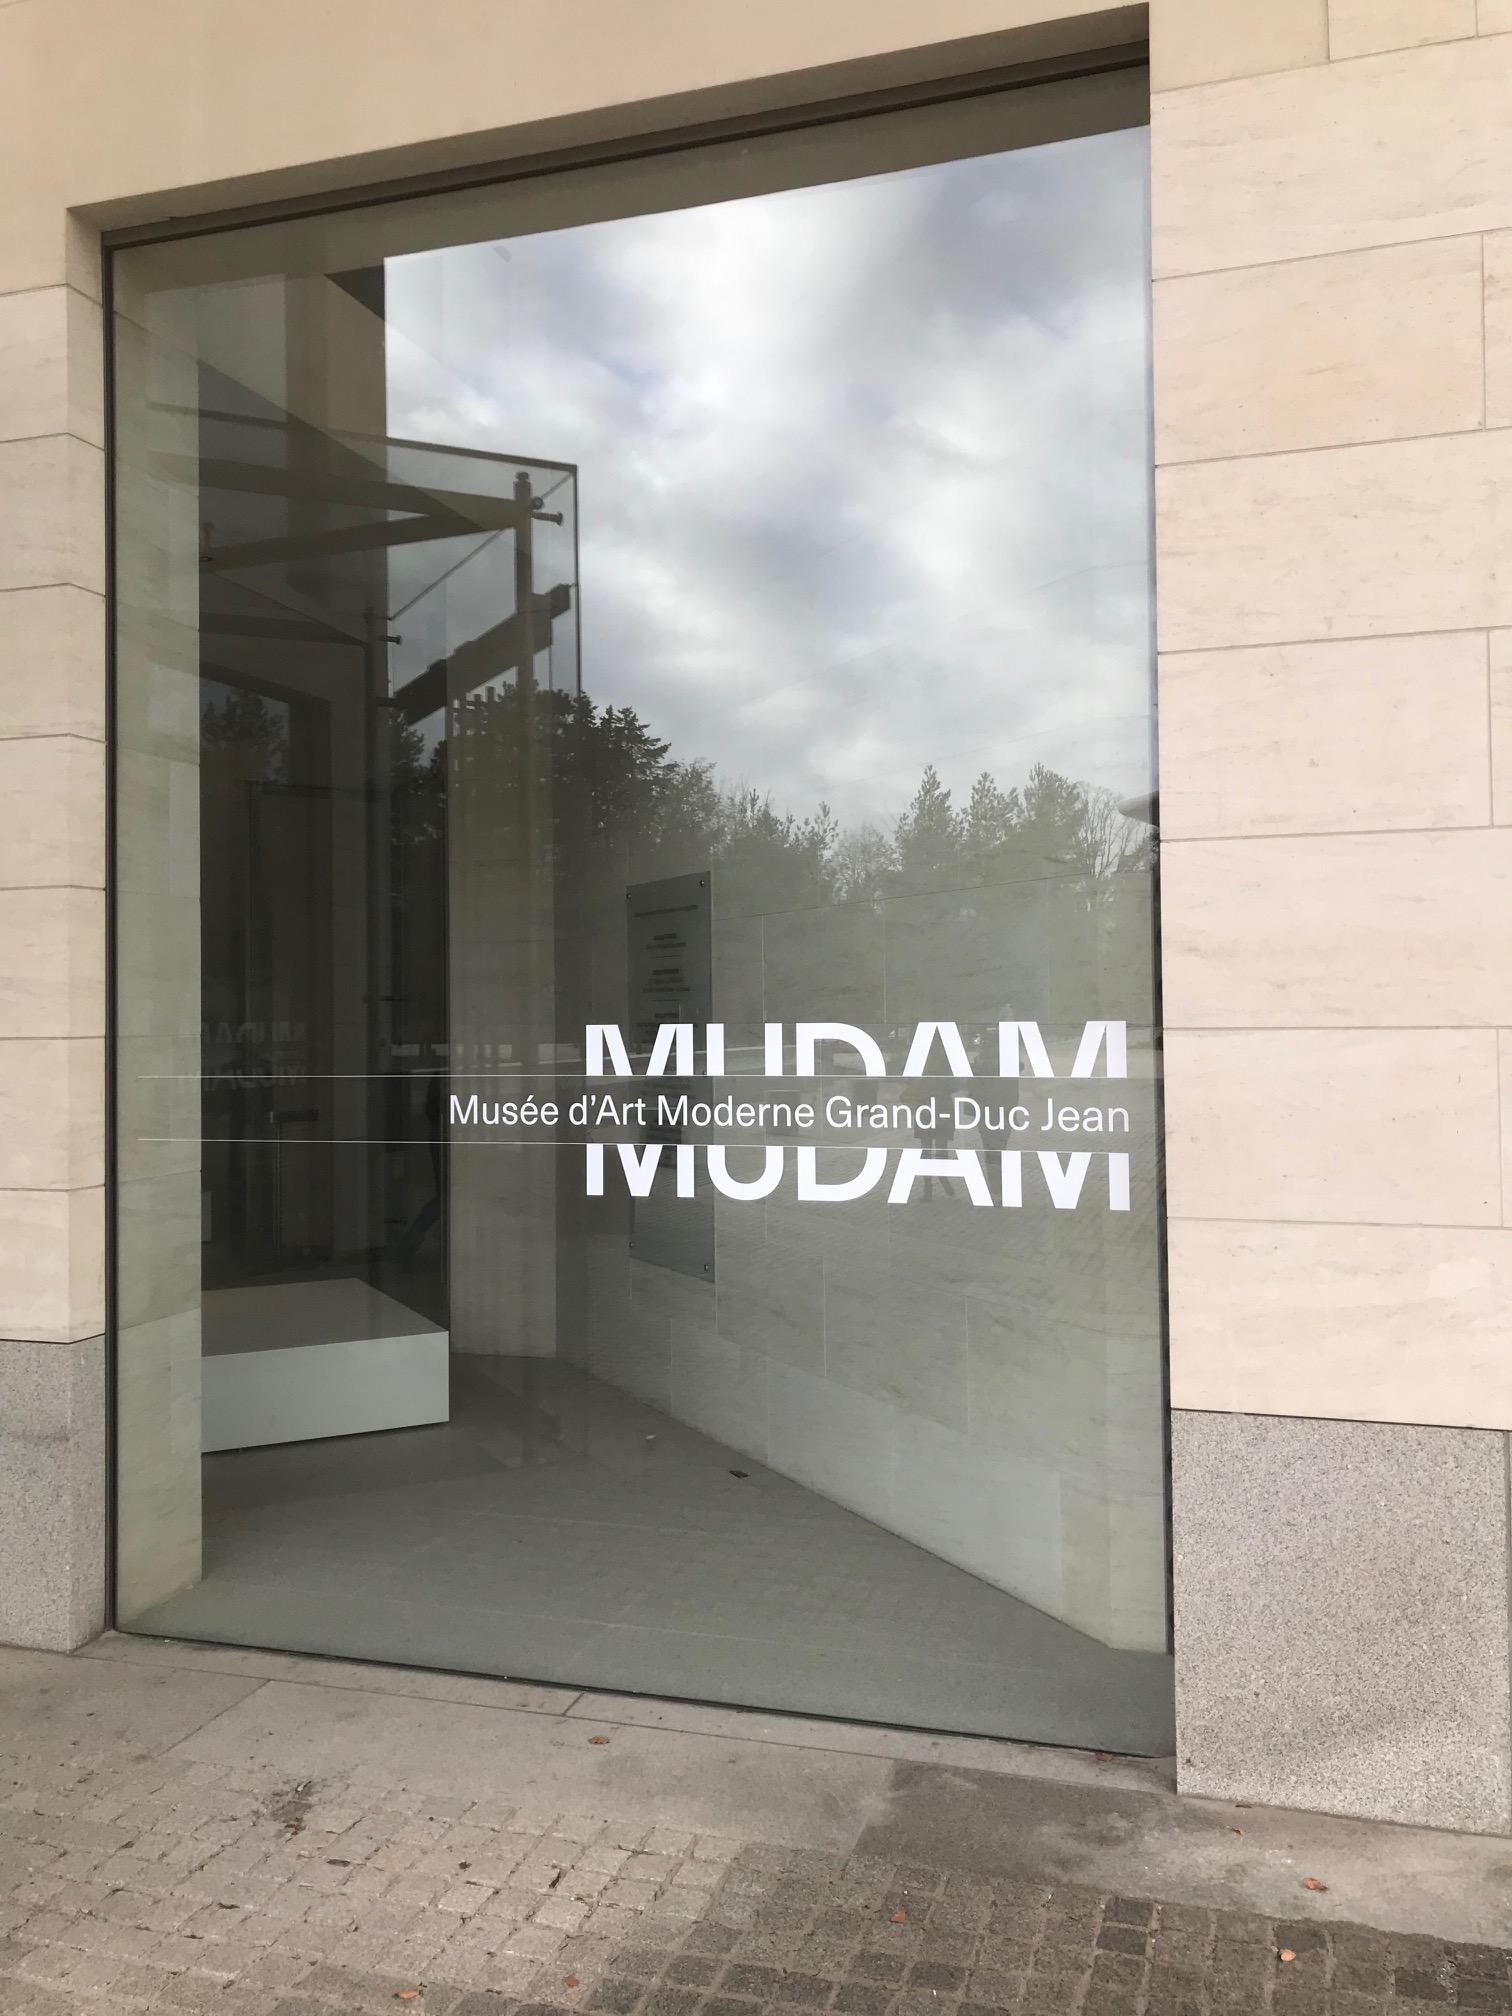 Les visiteurs découvrent le nouveau logo du Mudam dès l'entrée. (Photo: Mudam Luxembourg)